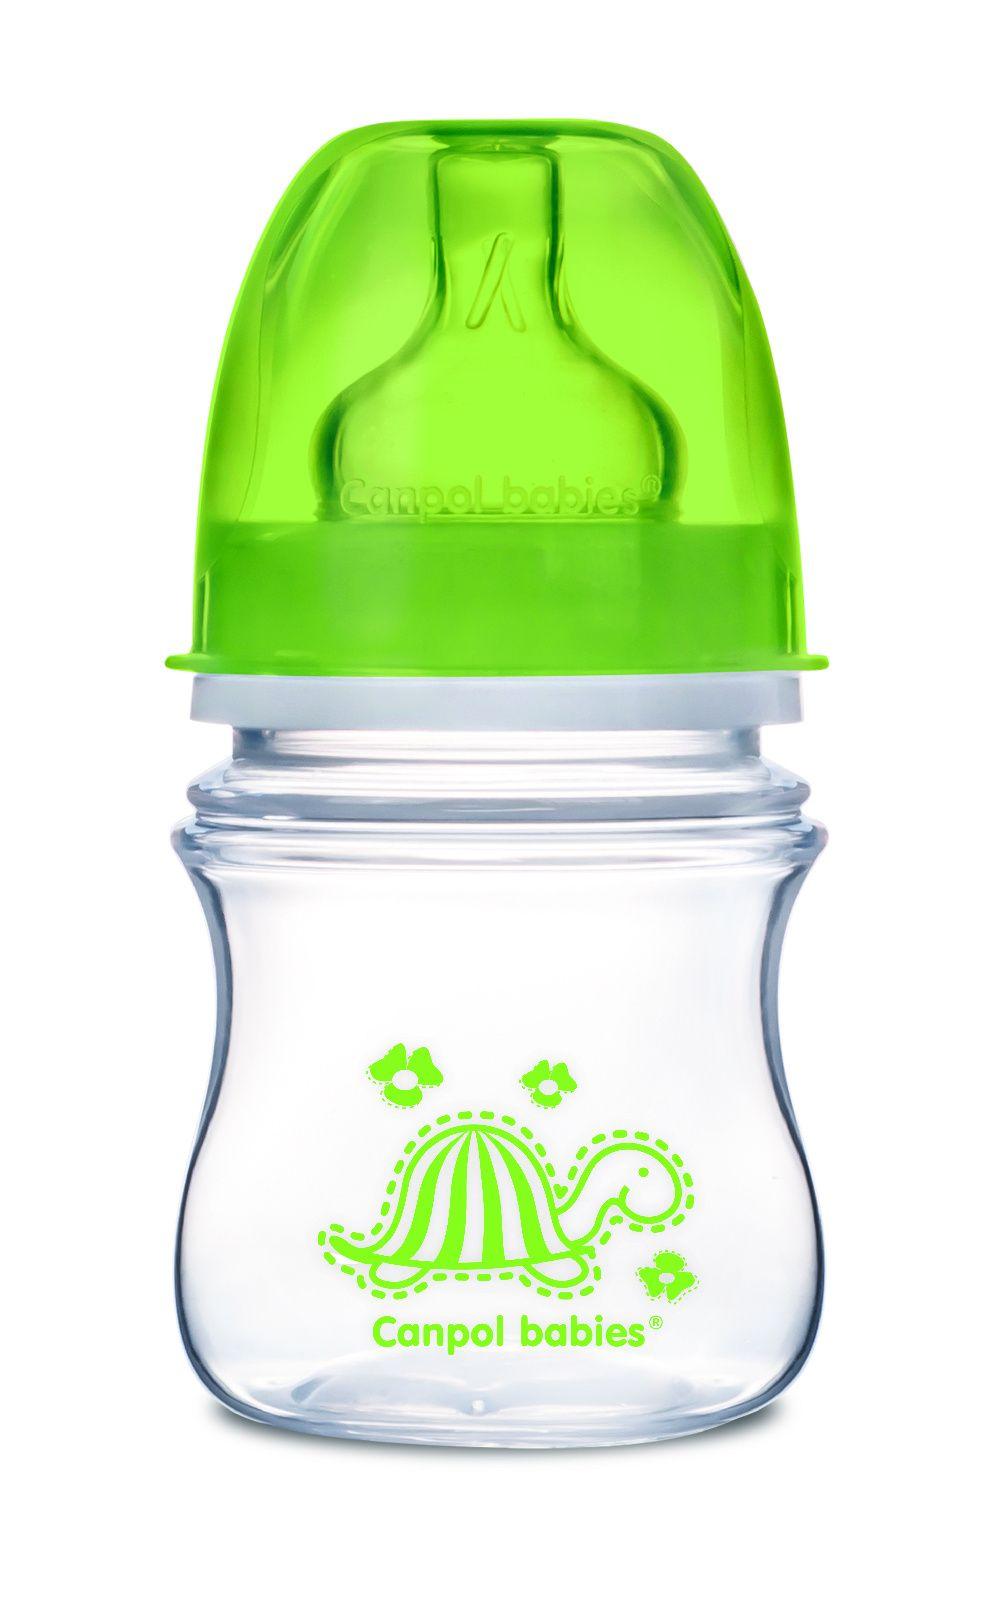 Купить EasyStart Colourful animals арт. 35/205, Бутылочка Canpol EasyStart Animals шир. горл., антикол., PP, 3+, 120 мл, зеленый, Бутылочки для кормления